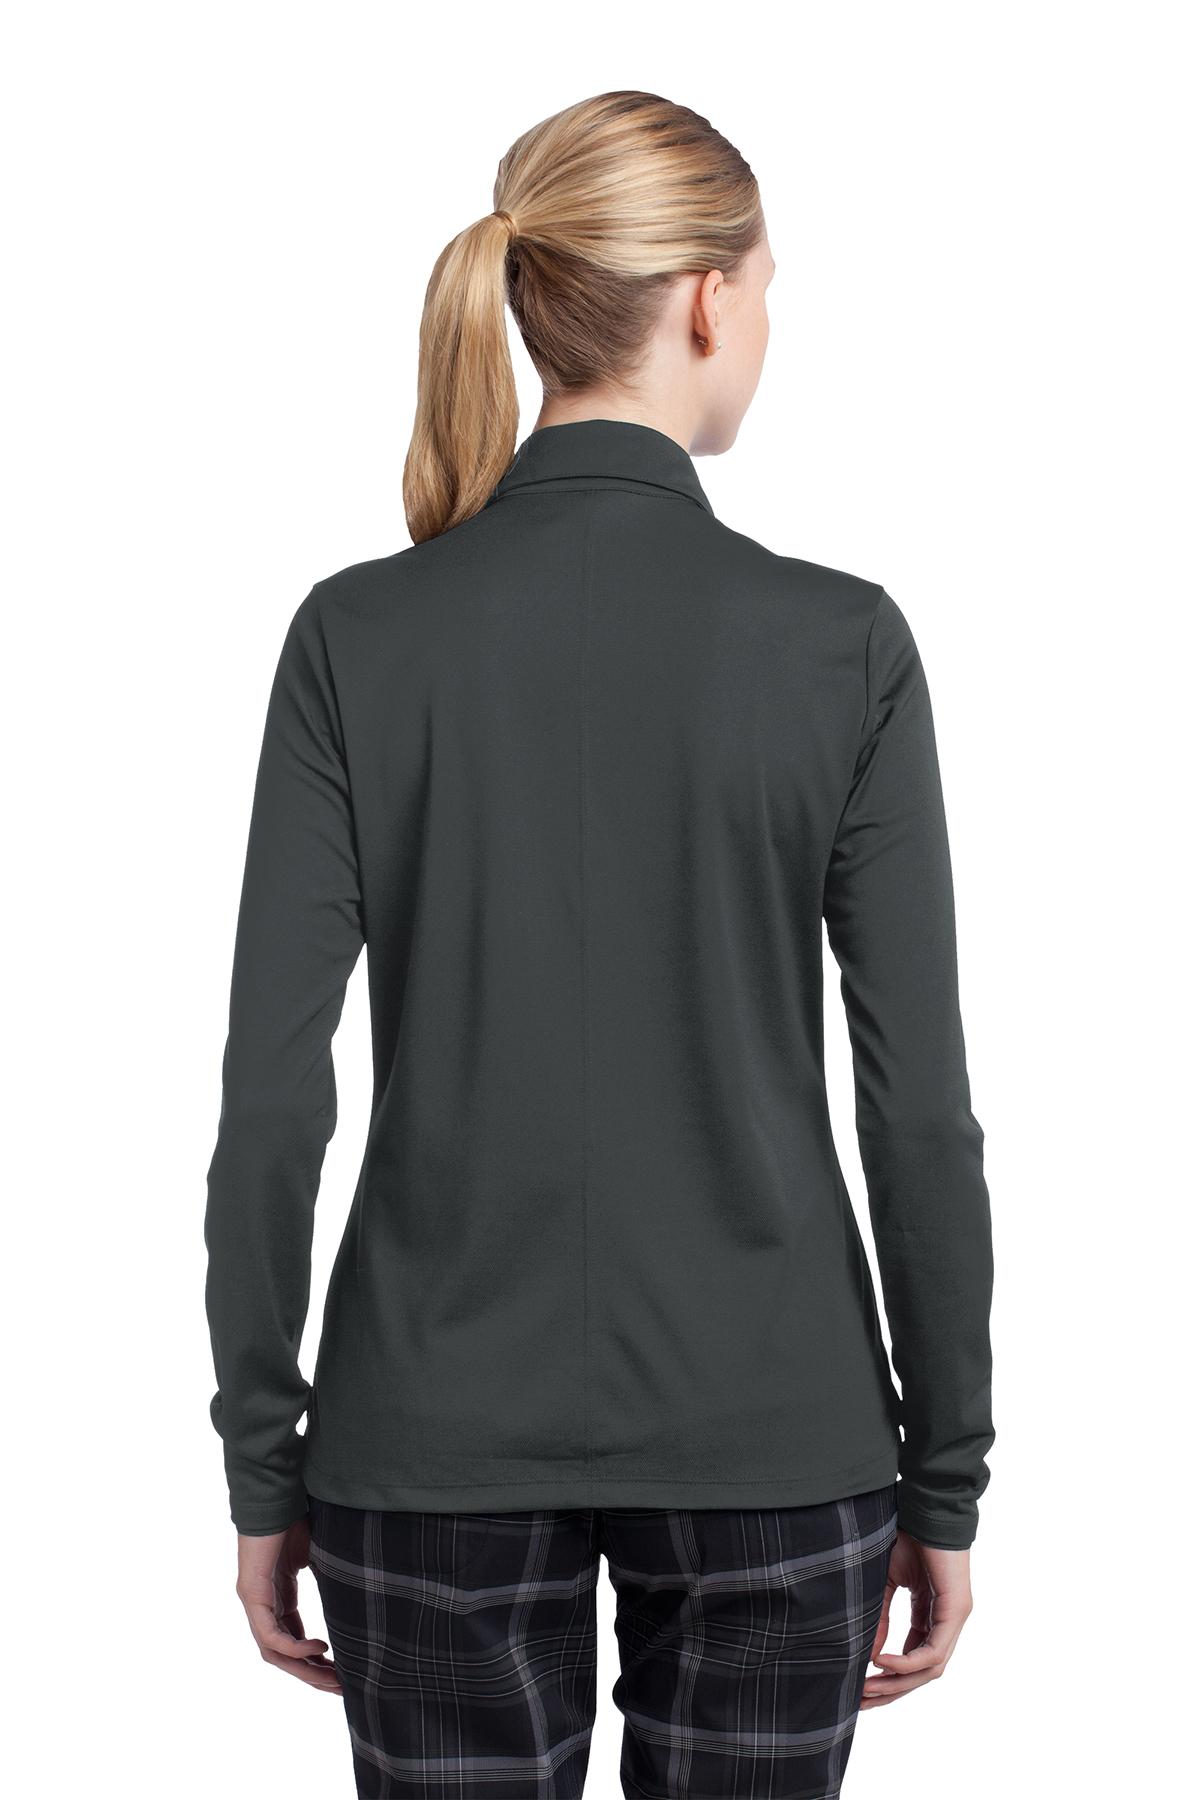 acff89ab89b Nike Ladies Long Sleeve Dri-FIT Stretch Tech Polo   Ladies/Women ...